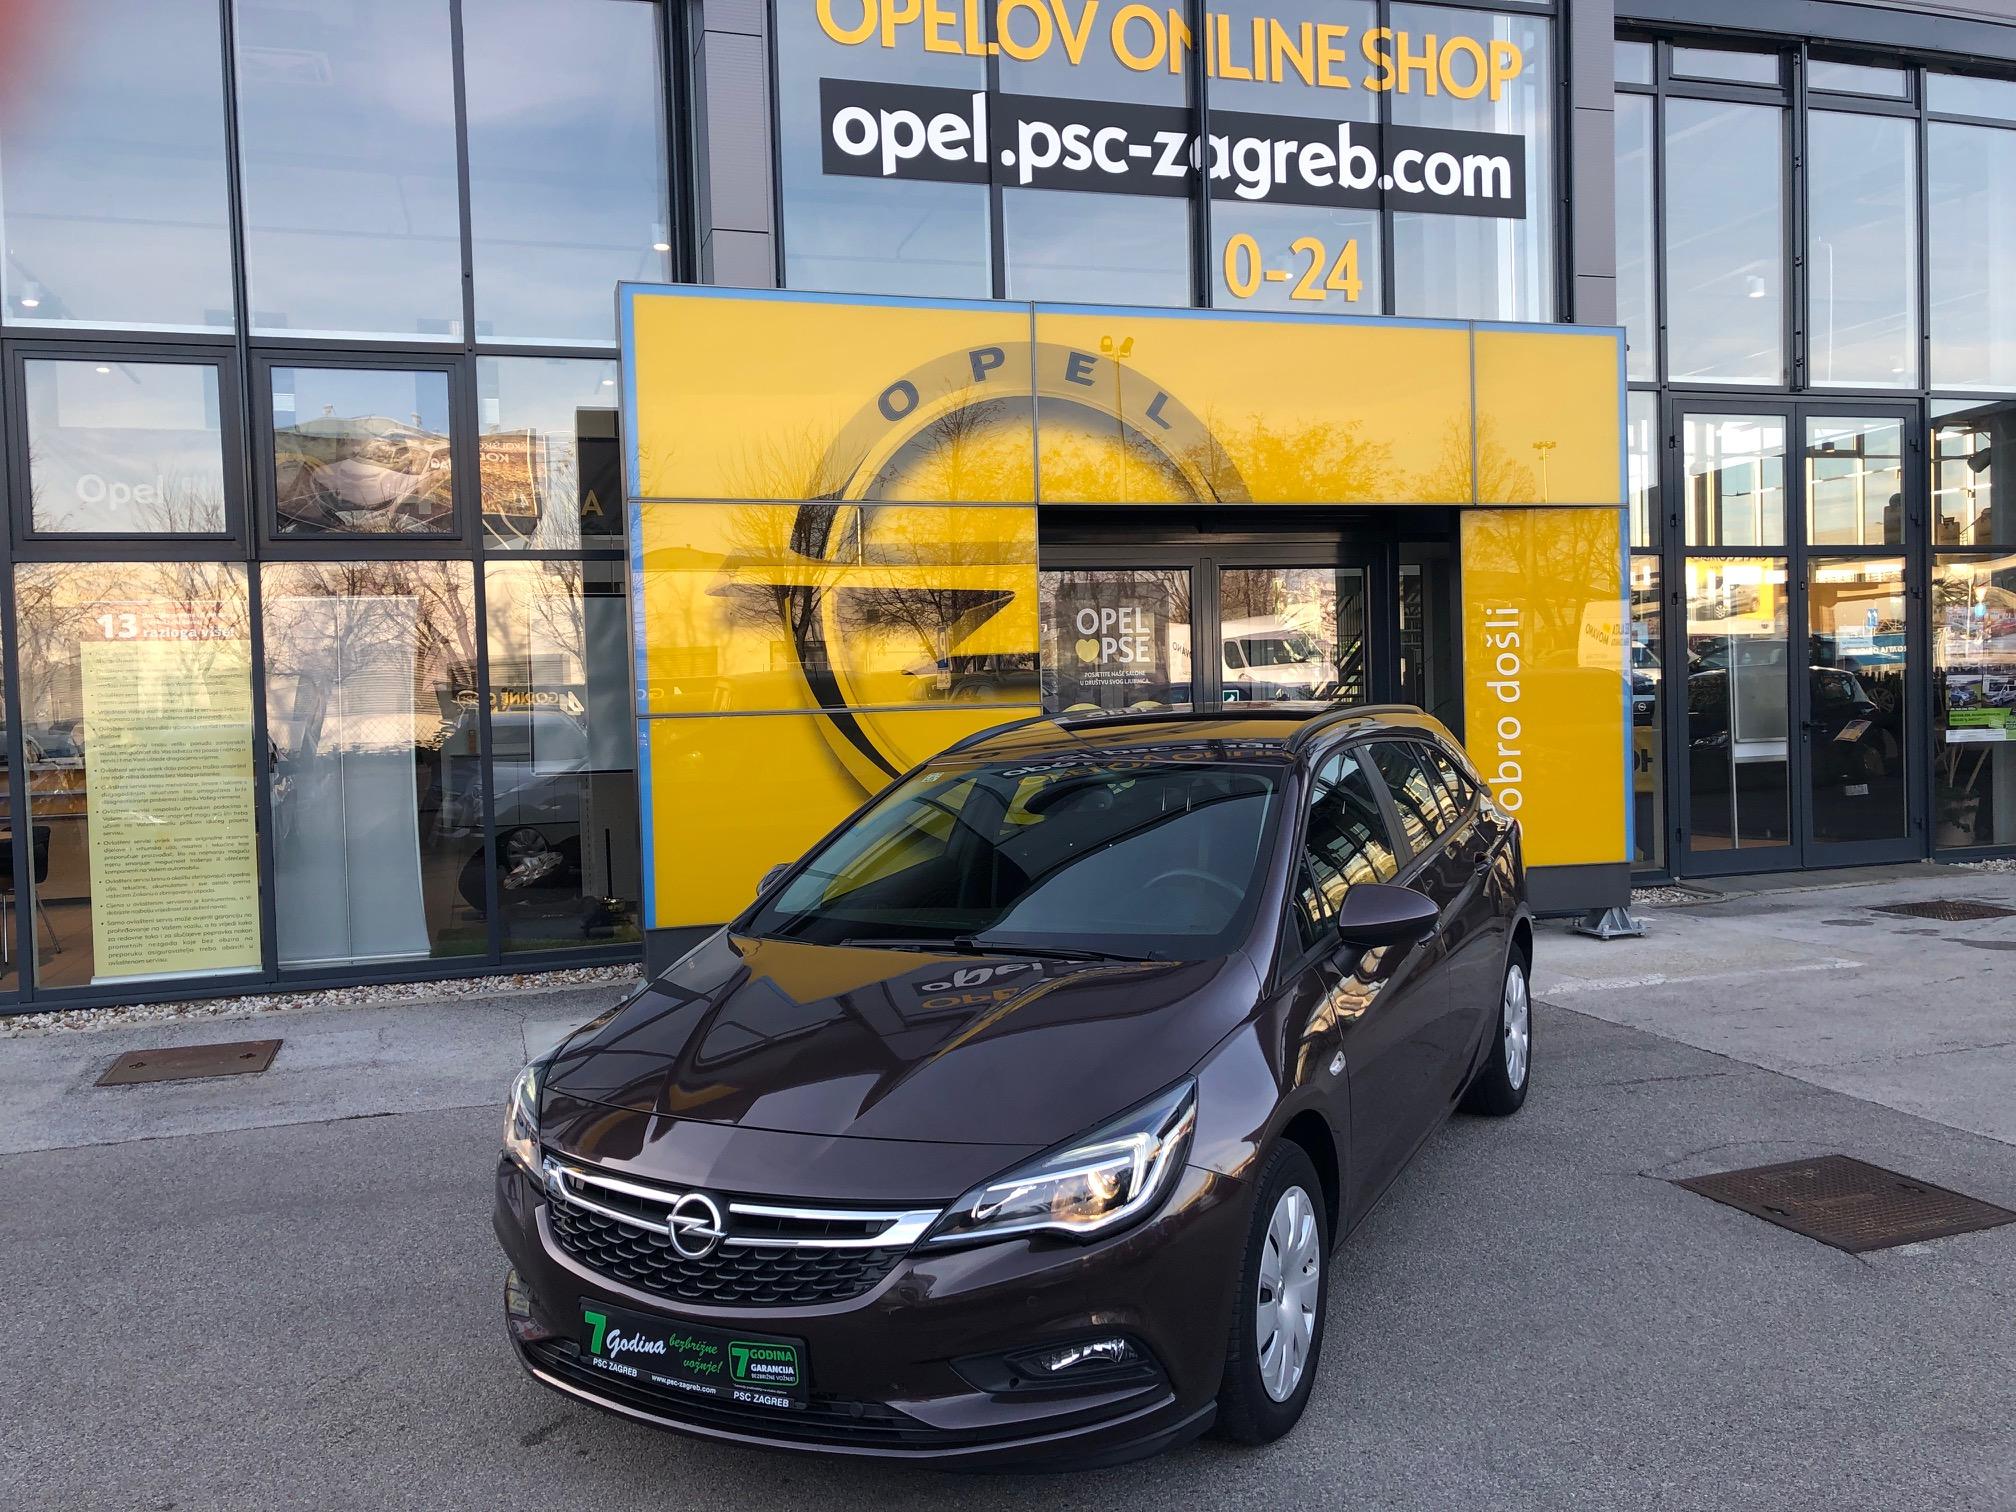 Opel Astra ST Enjoy 1.6 CDTI - 7 godina garancije + polica AO u cijeni vozila!